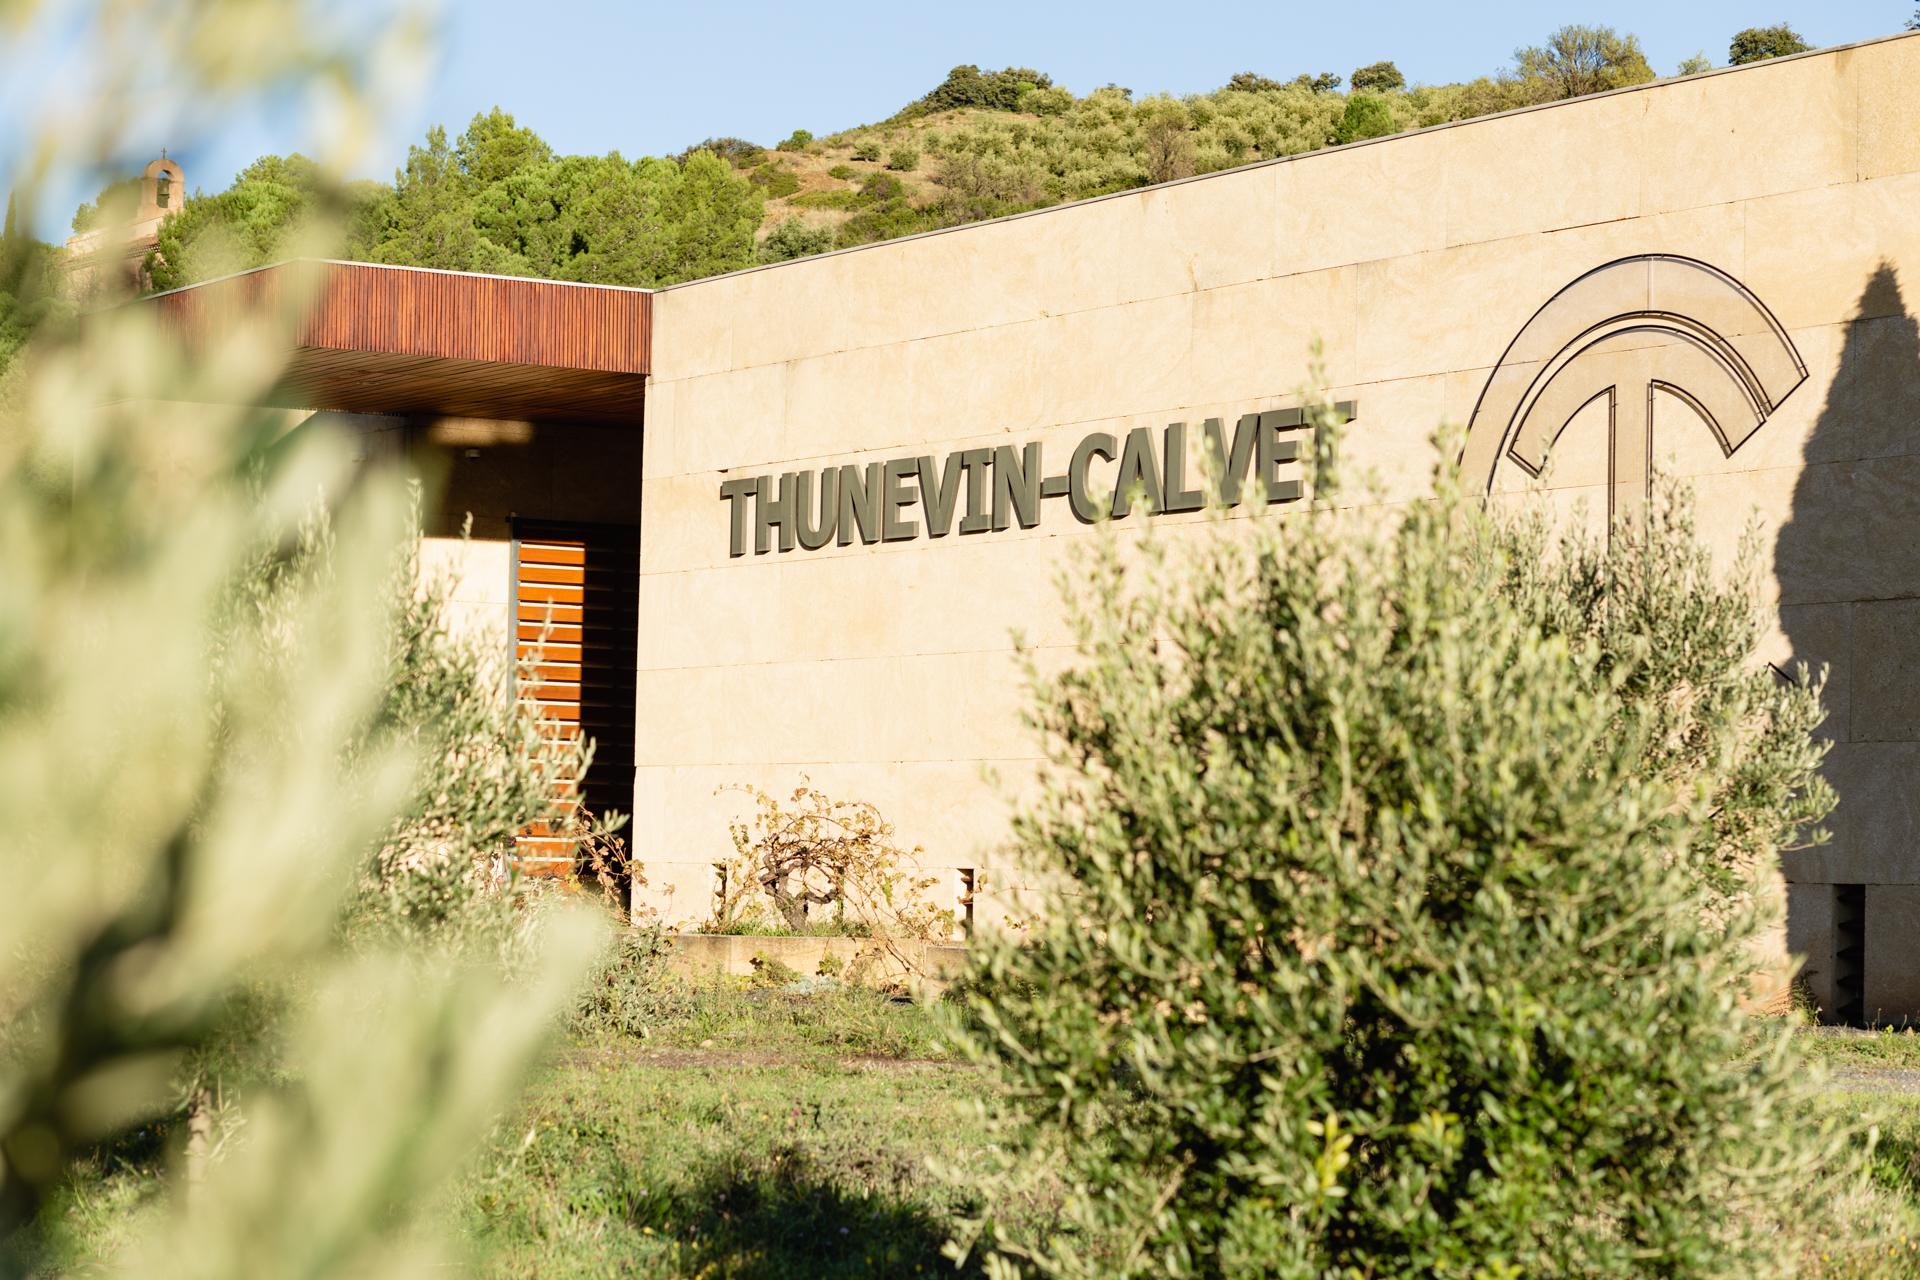 thunevin calvet cave a vin maury slider3